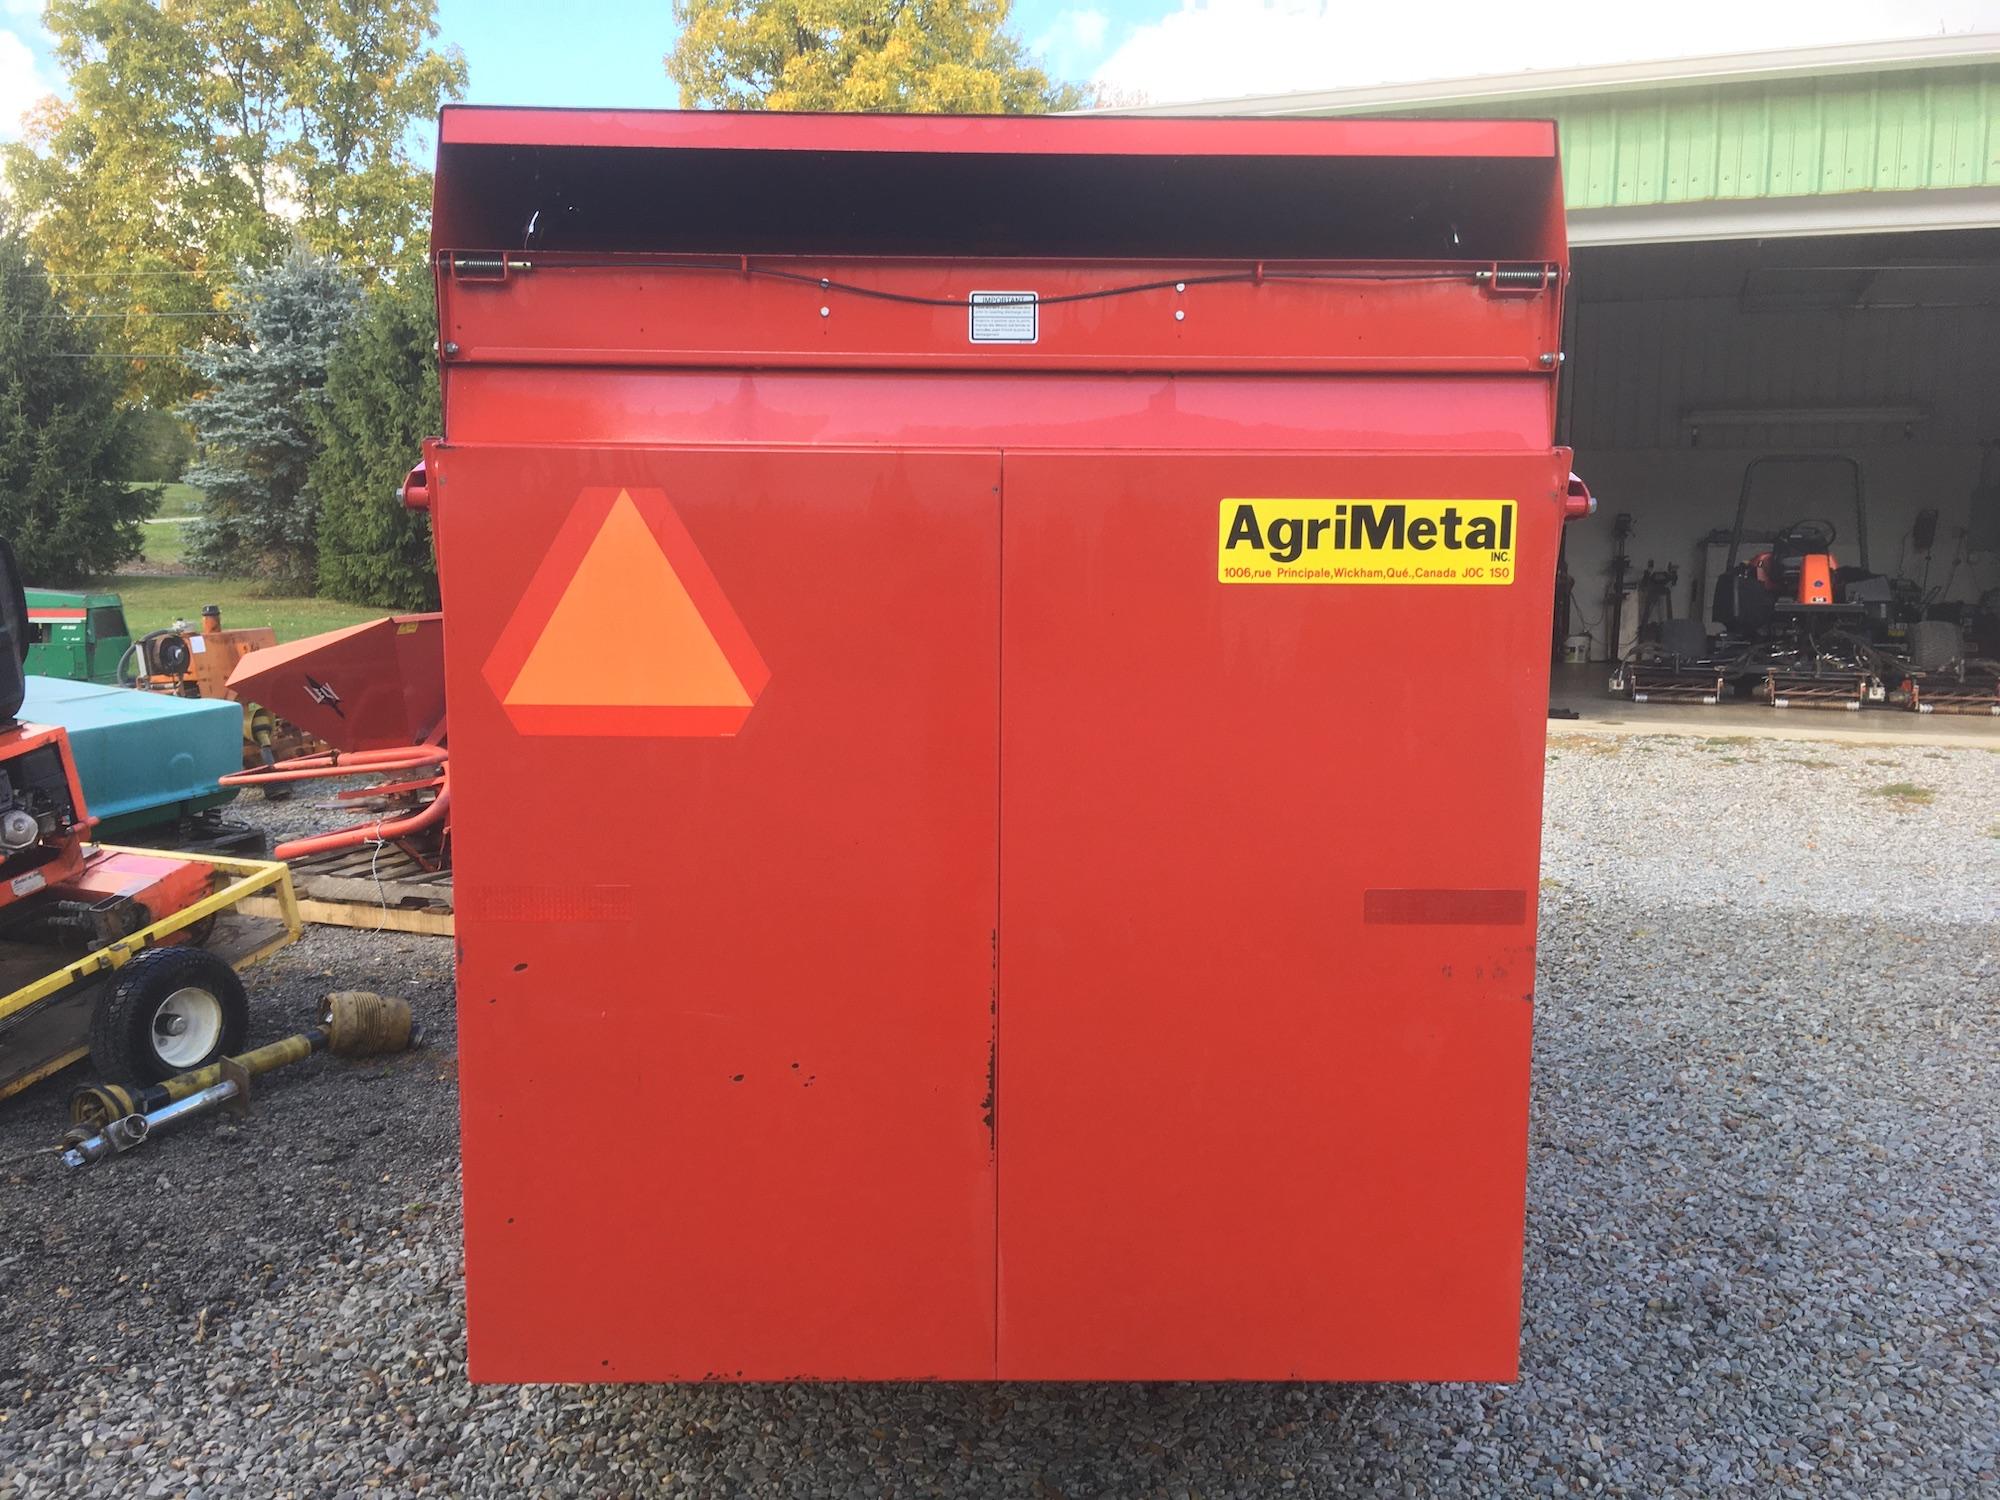 AgriMetal-TuffVac4000-Debris-Vacuum-03